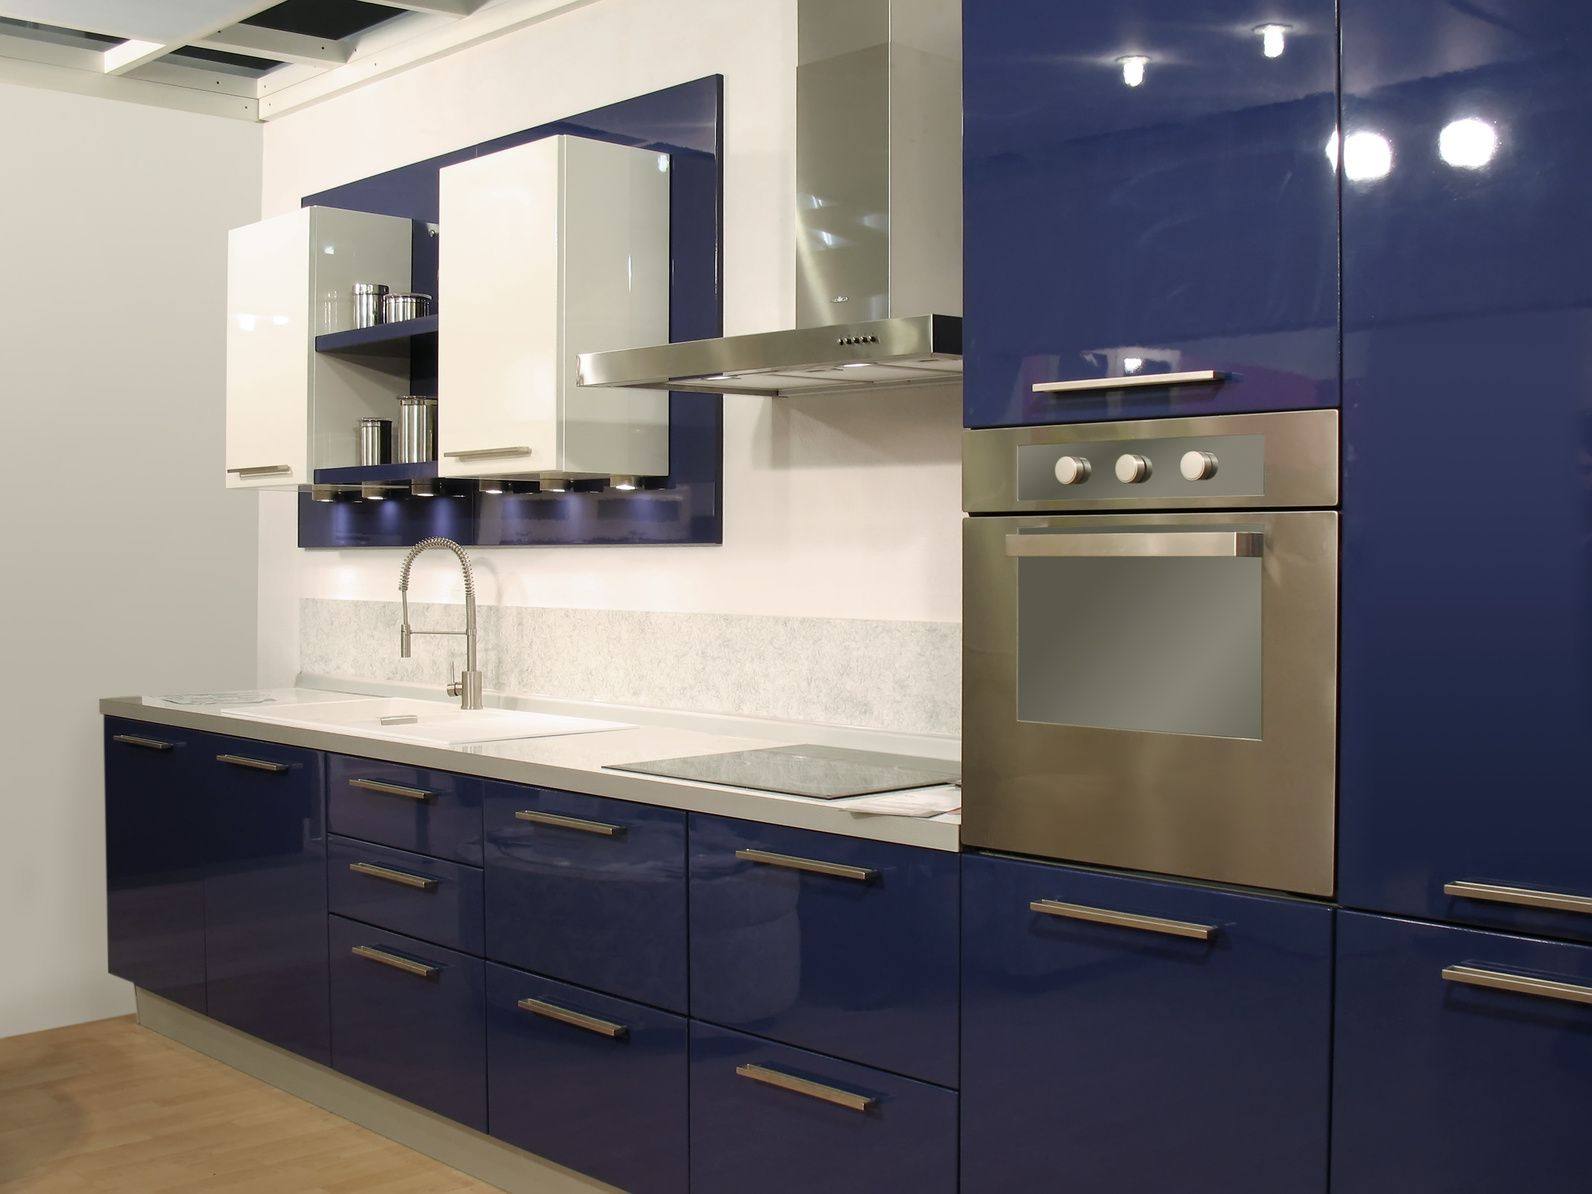 Full Size of Edelstahl Küche Draußen Ikea Edelstahl Küche Edelstahl Küche Ikea Edelstahl Küchenrückwand Küche Edelstahlküche